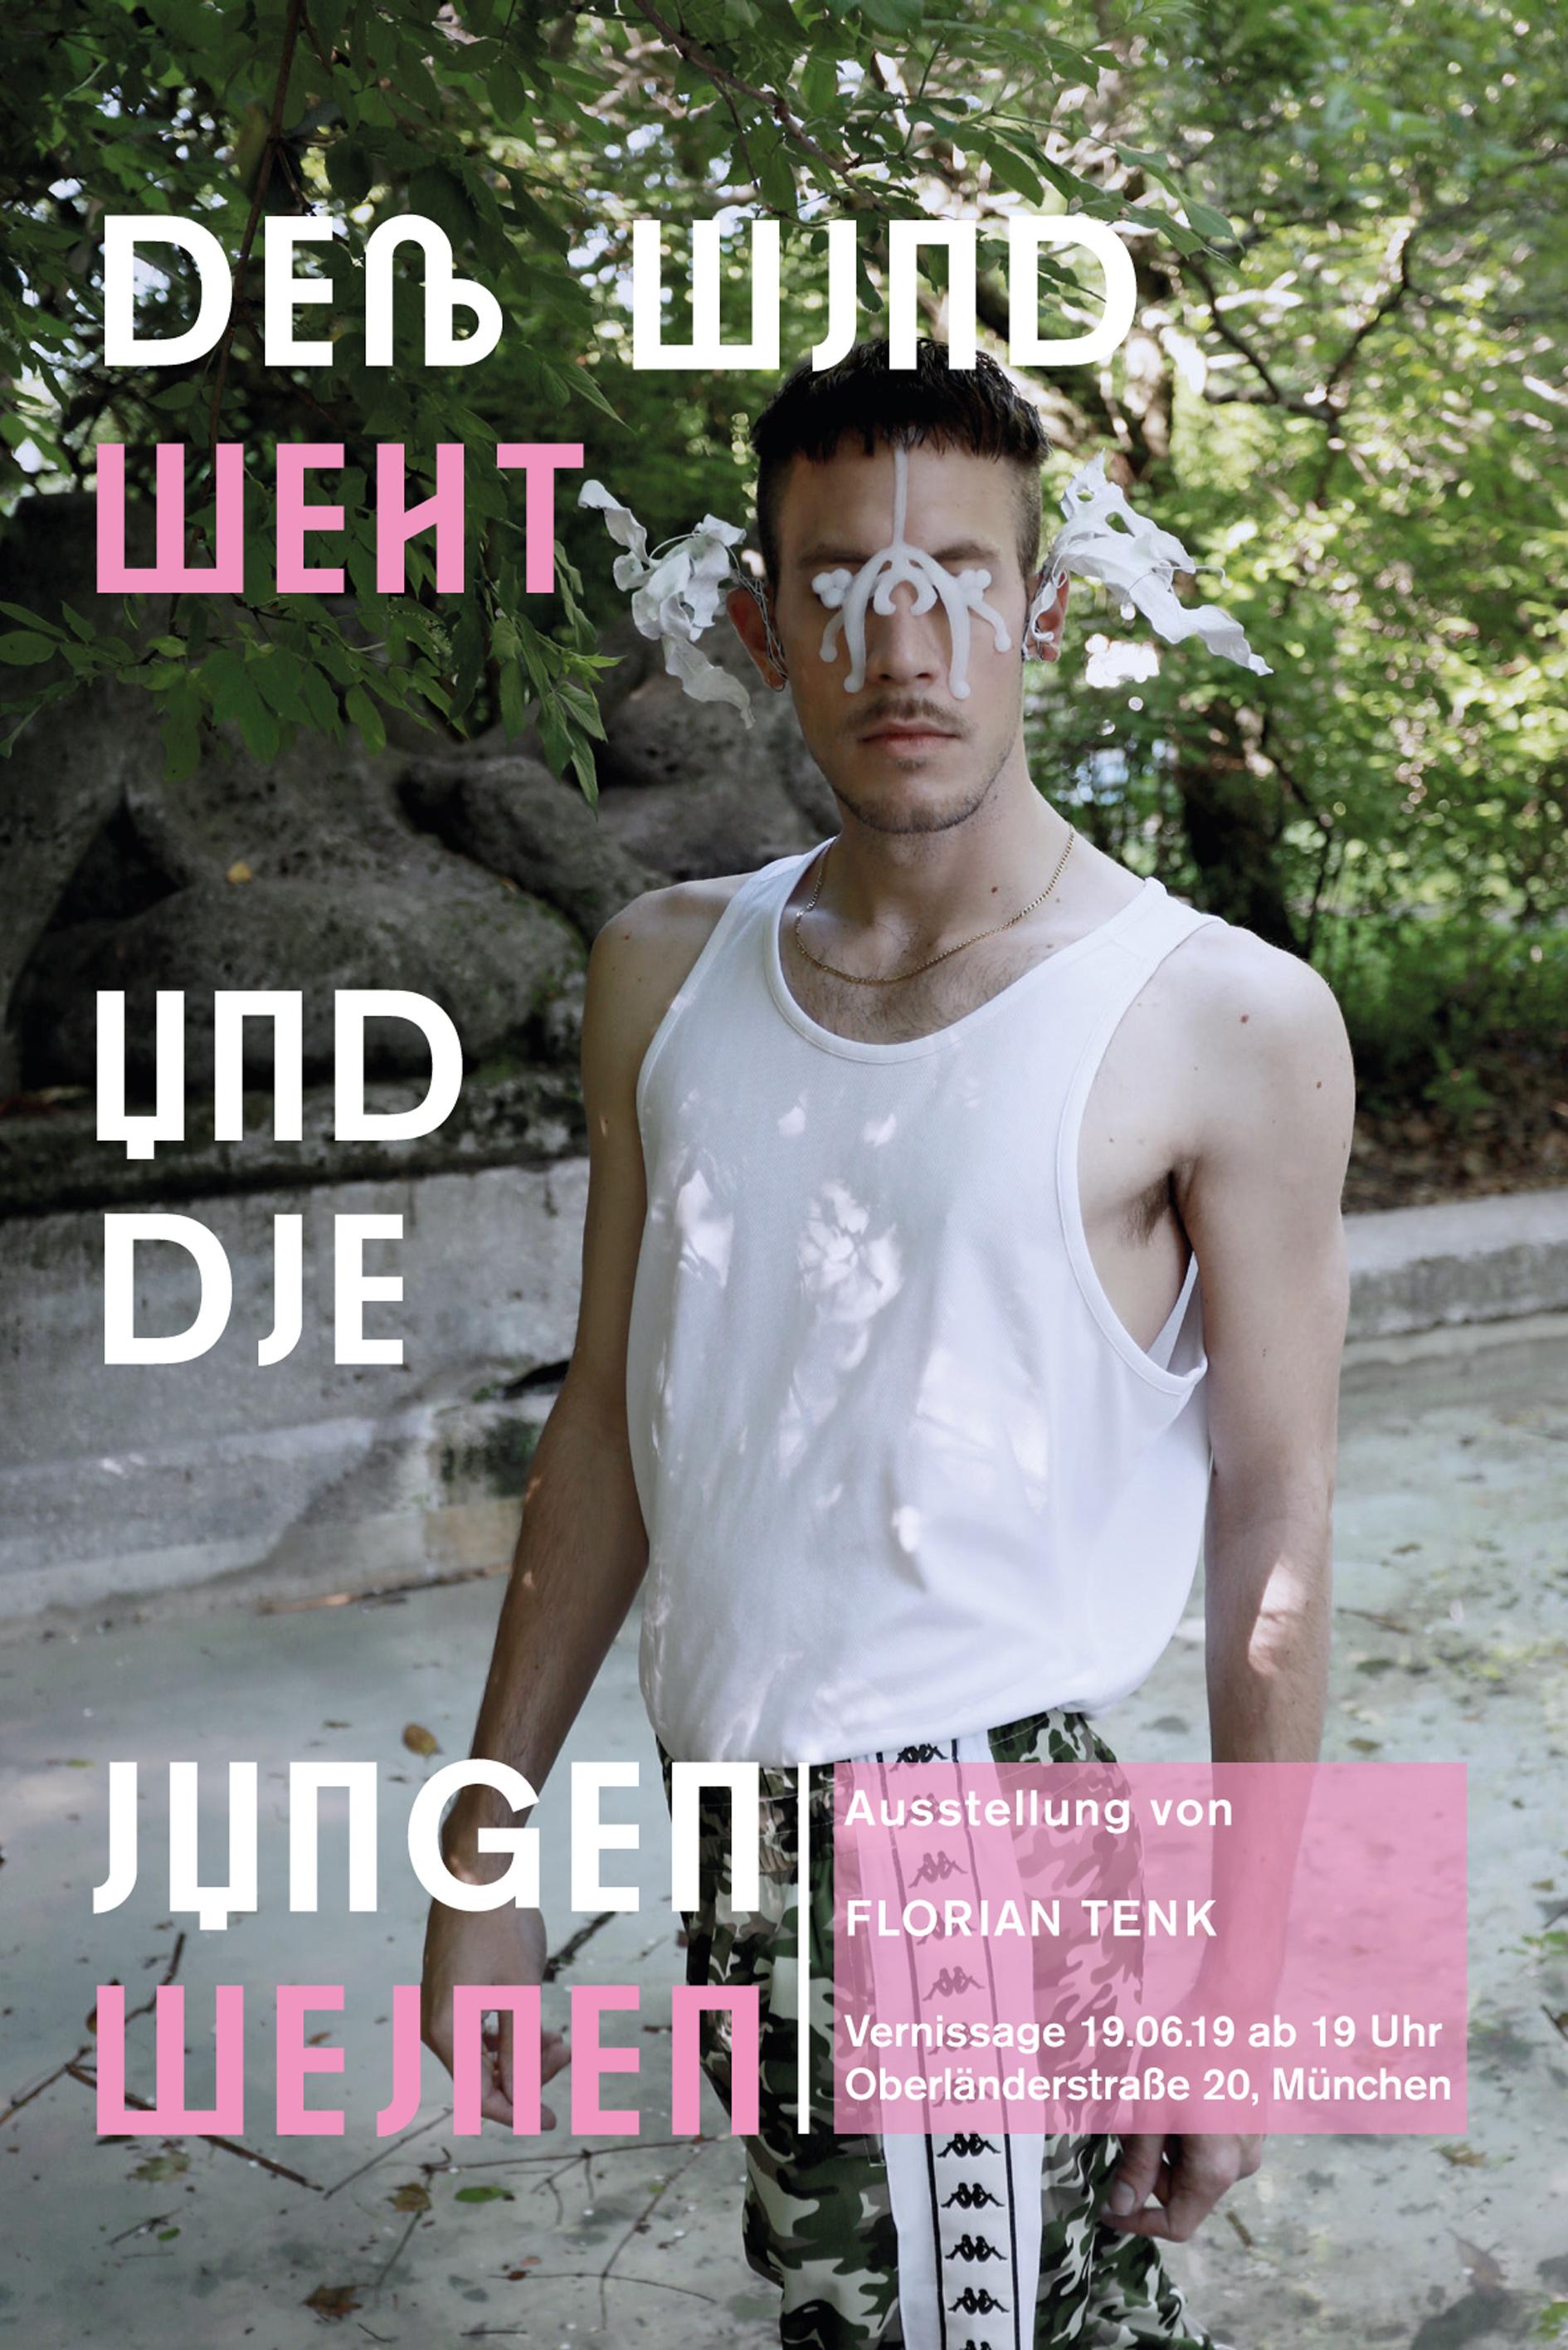 Florian Tenk - Der Wind weht und die Jungen weinen